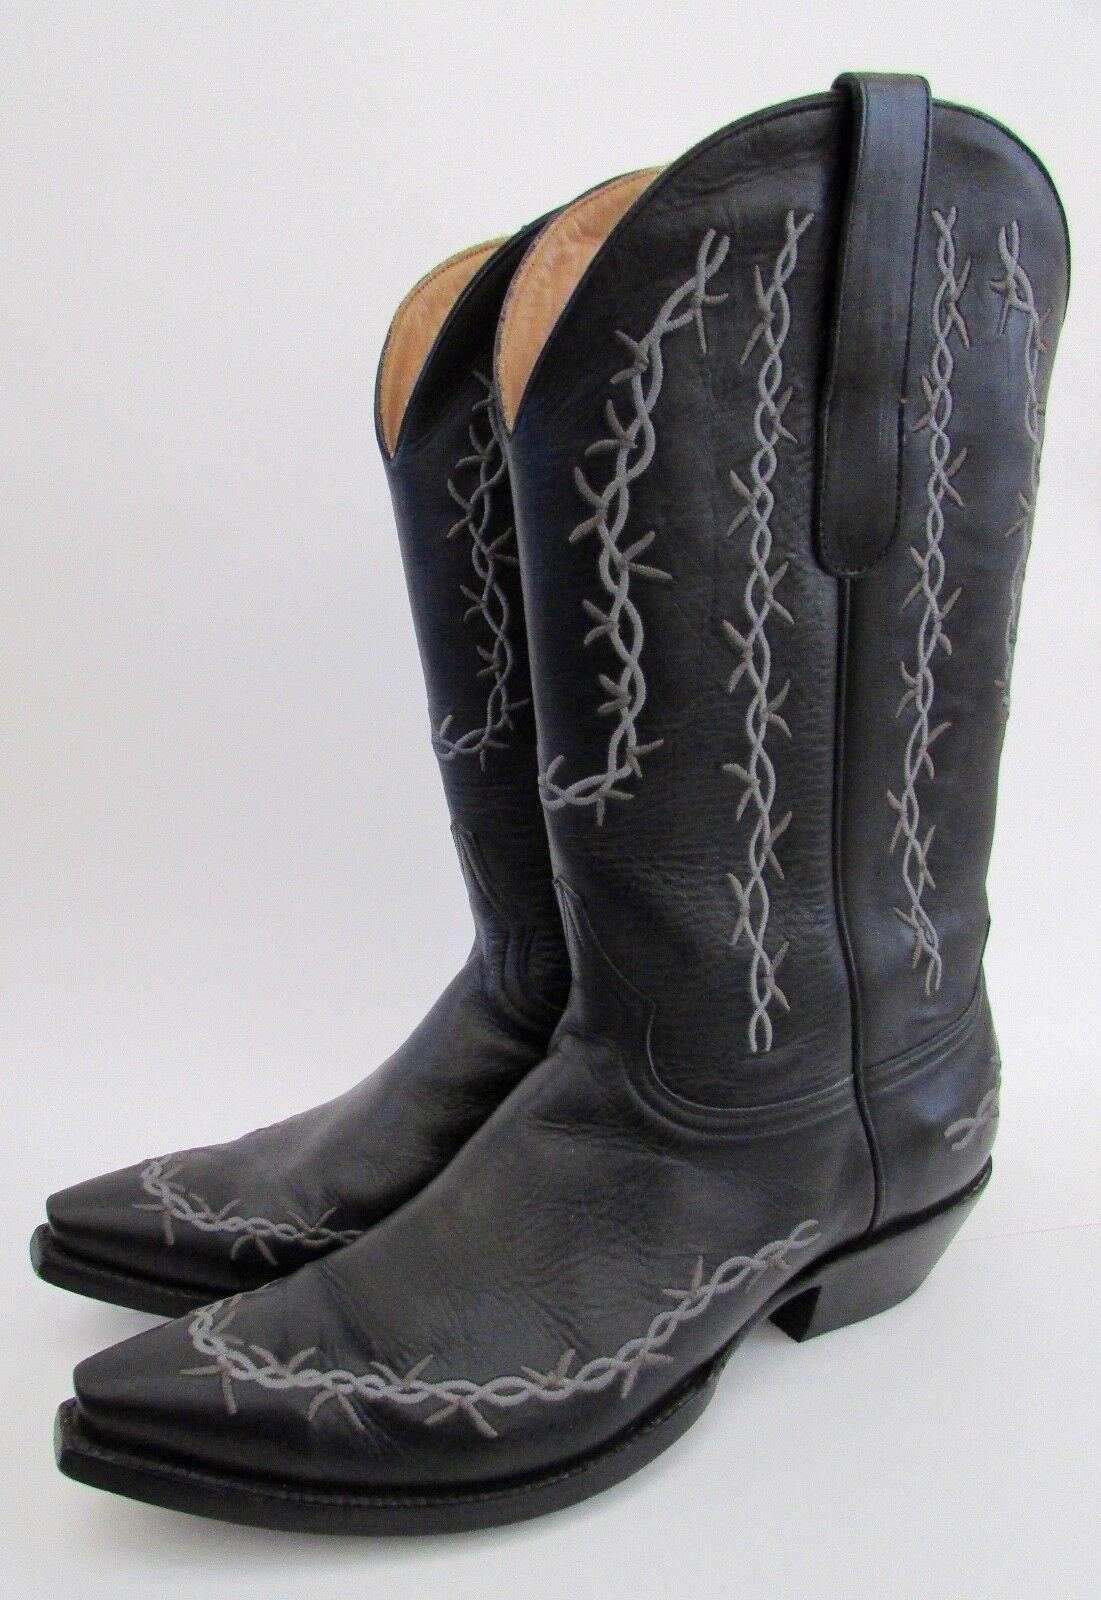 Manuel Cuevas Colección Limited Edition Negro Cuero de alambre de la lengüeta botas de vaquero 10